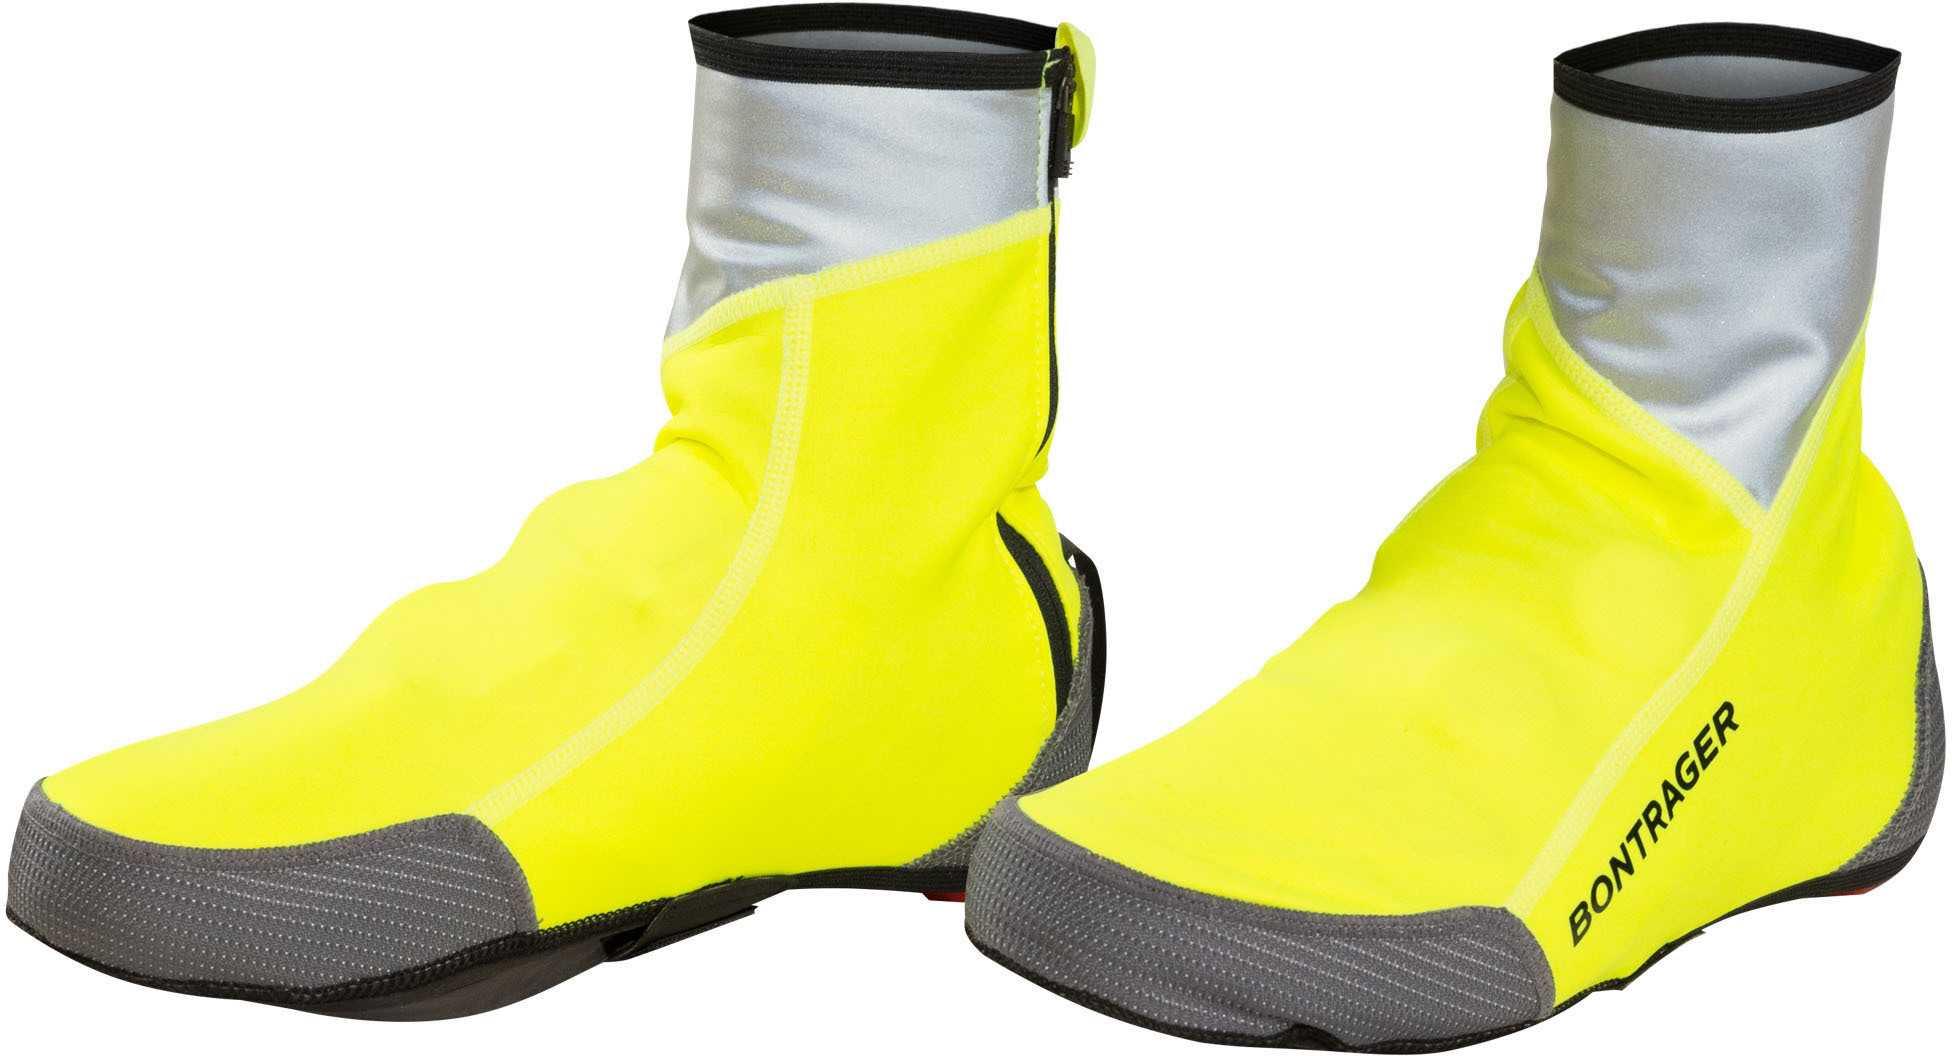 Skoovertræk Bontrager Halo S1 Softshell hi-vis gul | shoecovers_clothes